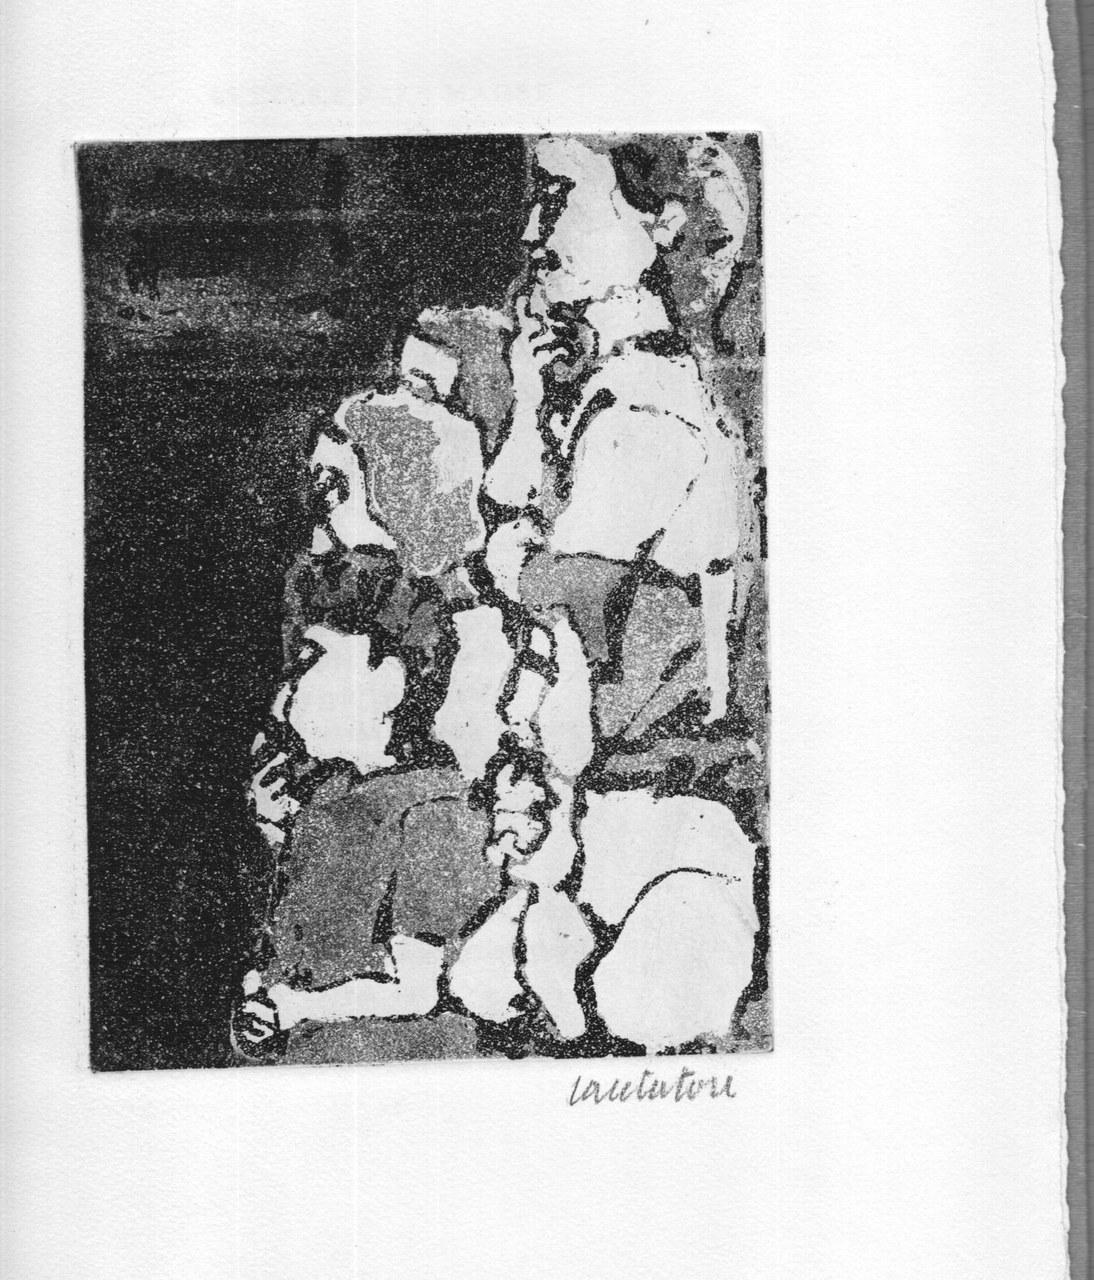 Acquaforte di Domenico Cantatore per Quasimodo, 1963 b